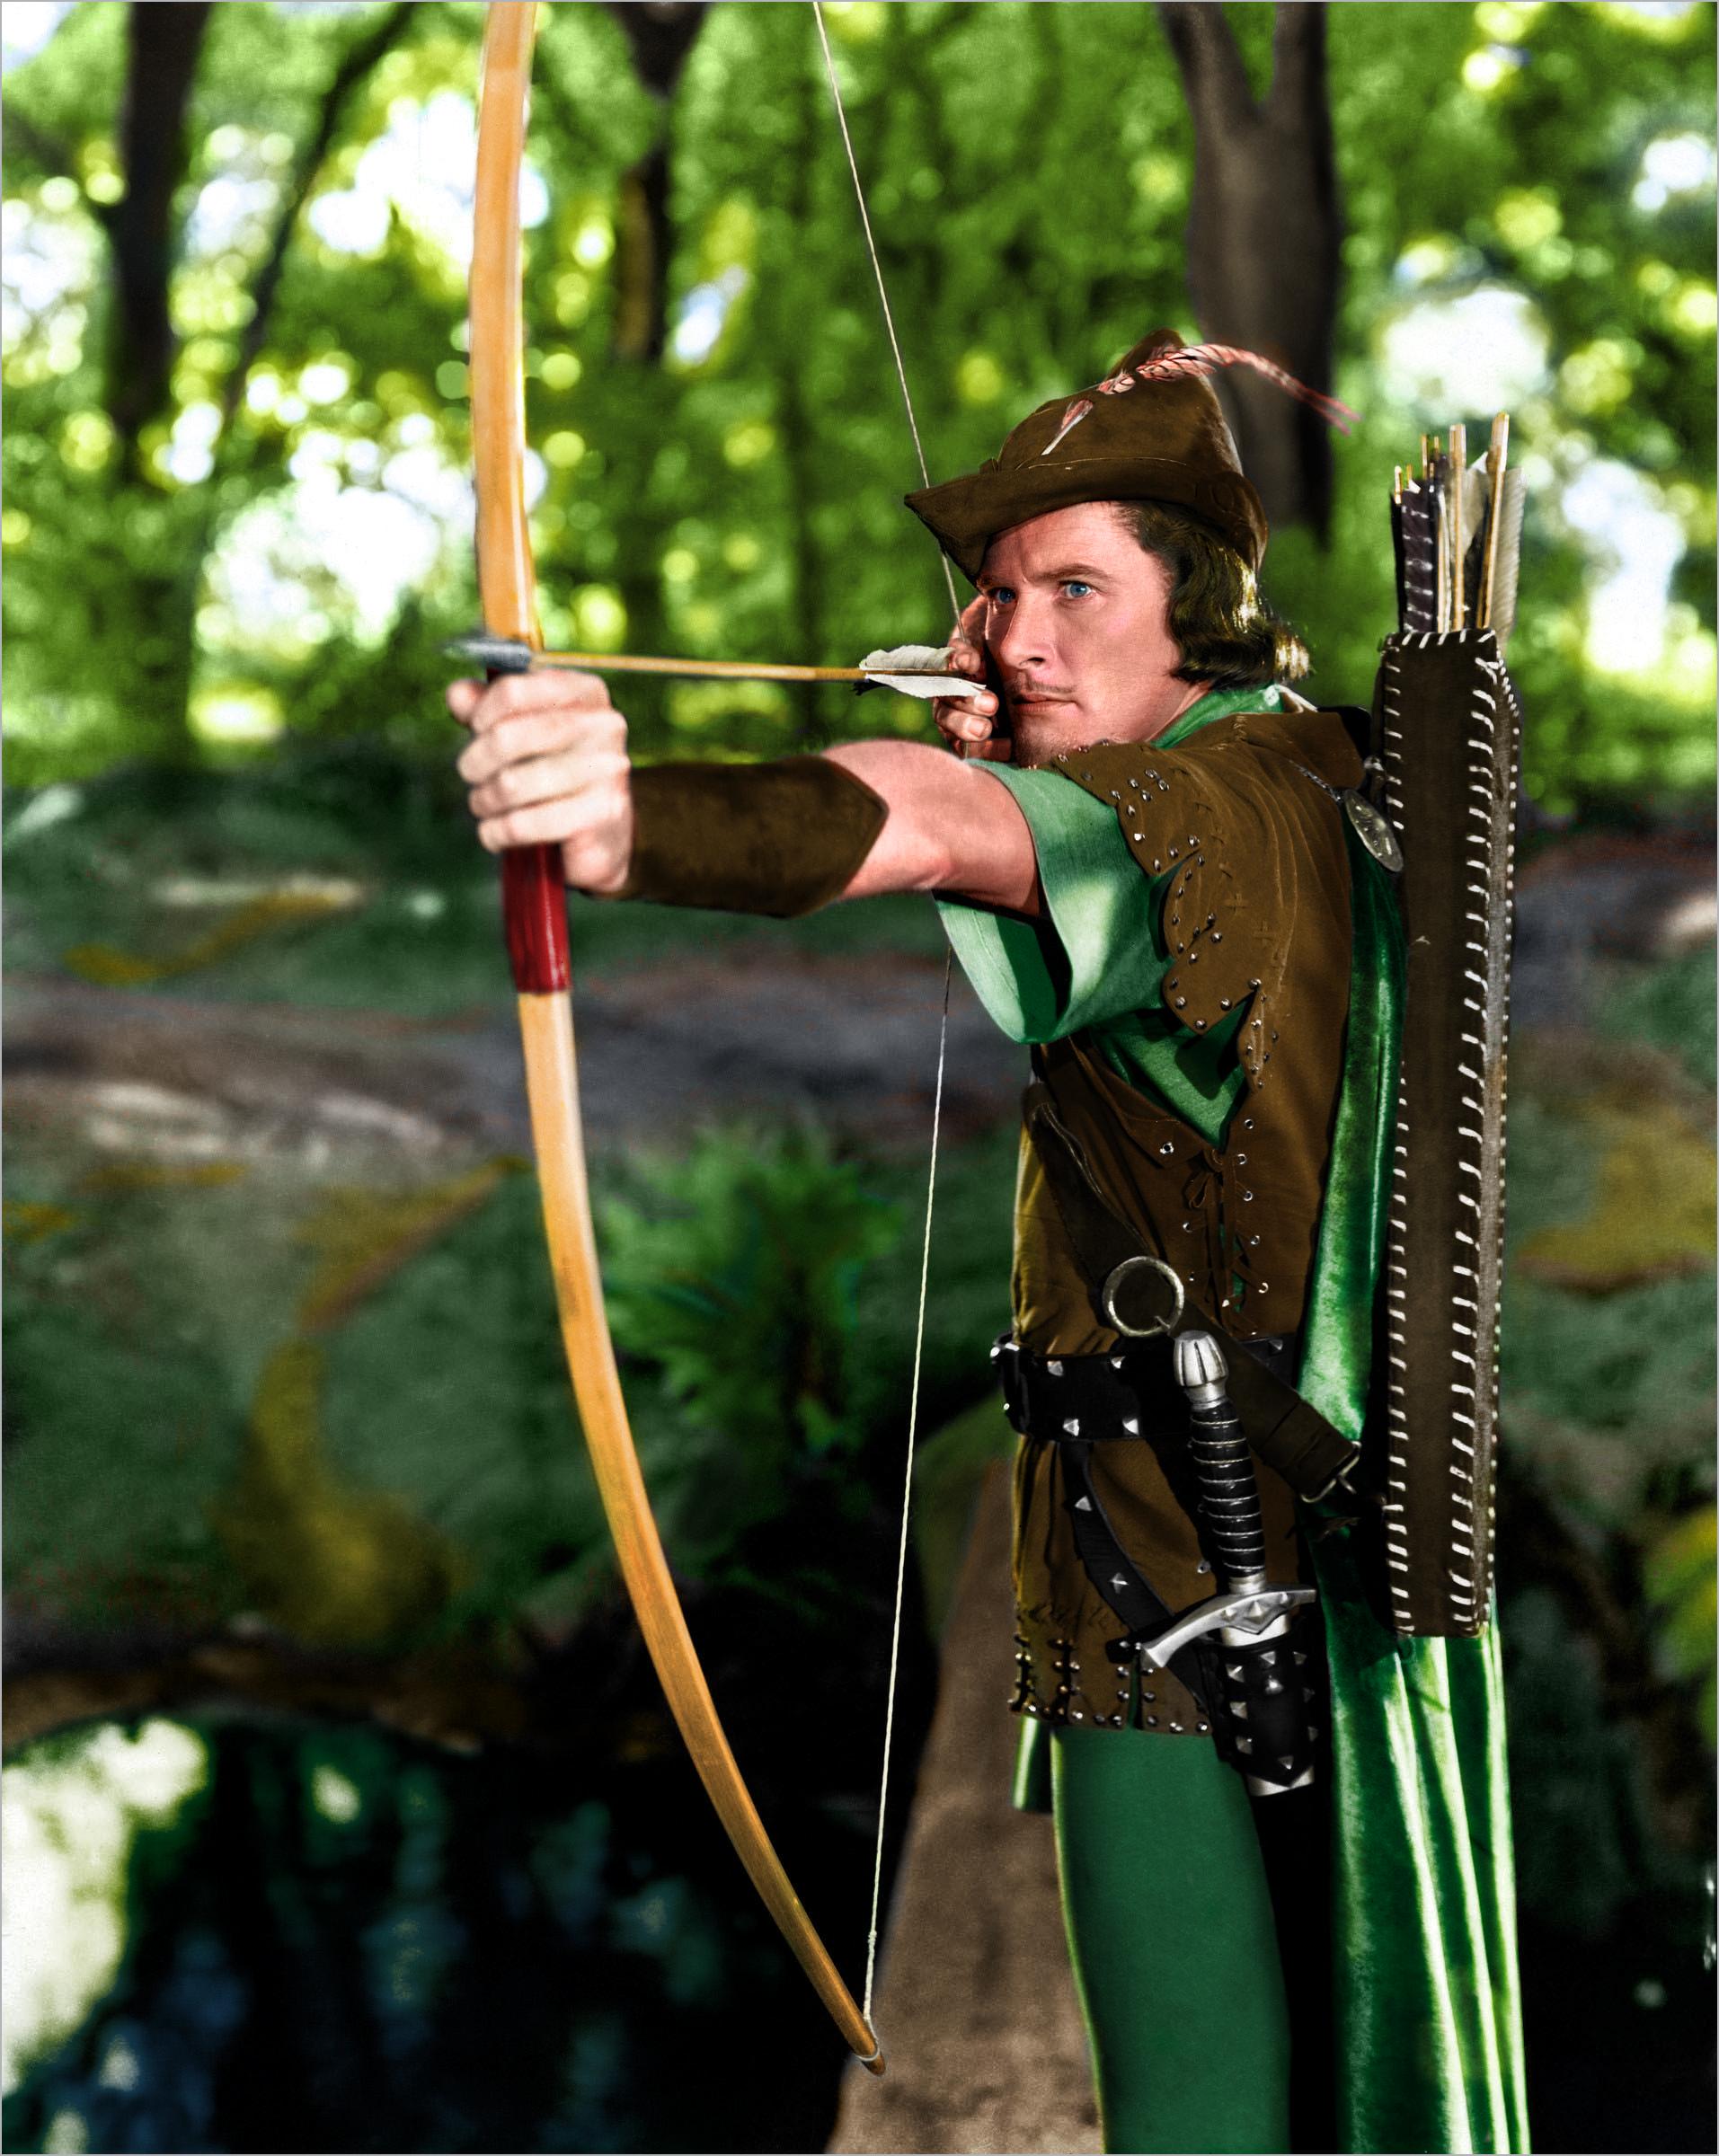 Spiele Robin Hood (Evoplay) - Video Slots Online